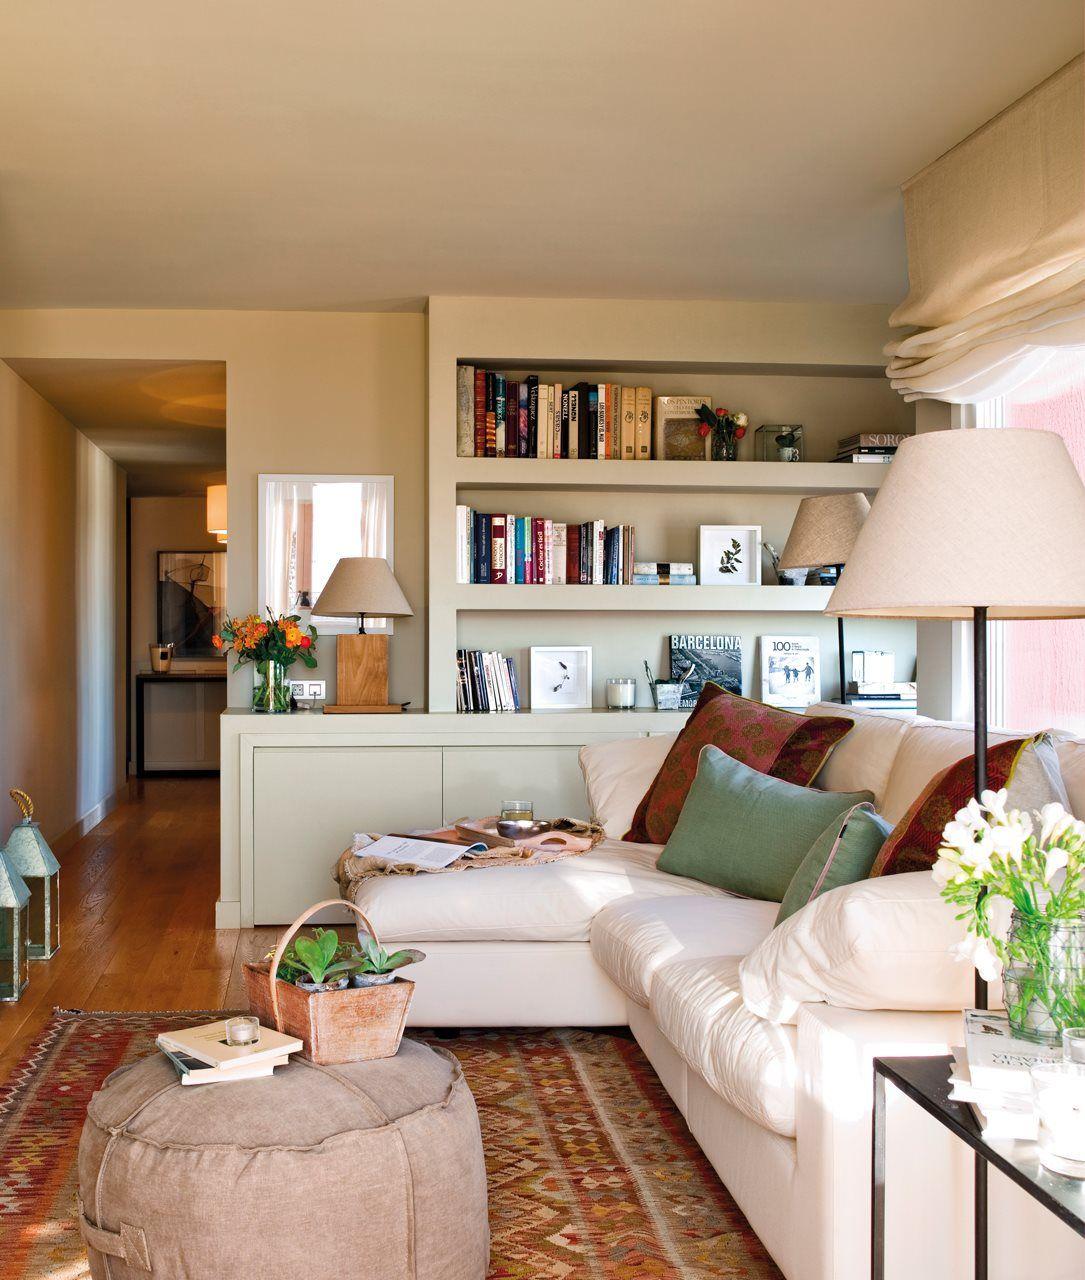 Estudi los metros y aprob con la mejor nota sal n comedor muebles casas y muebles salon - Salones nuevo estilo ...